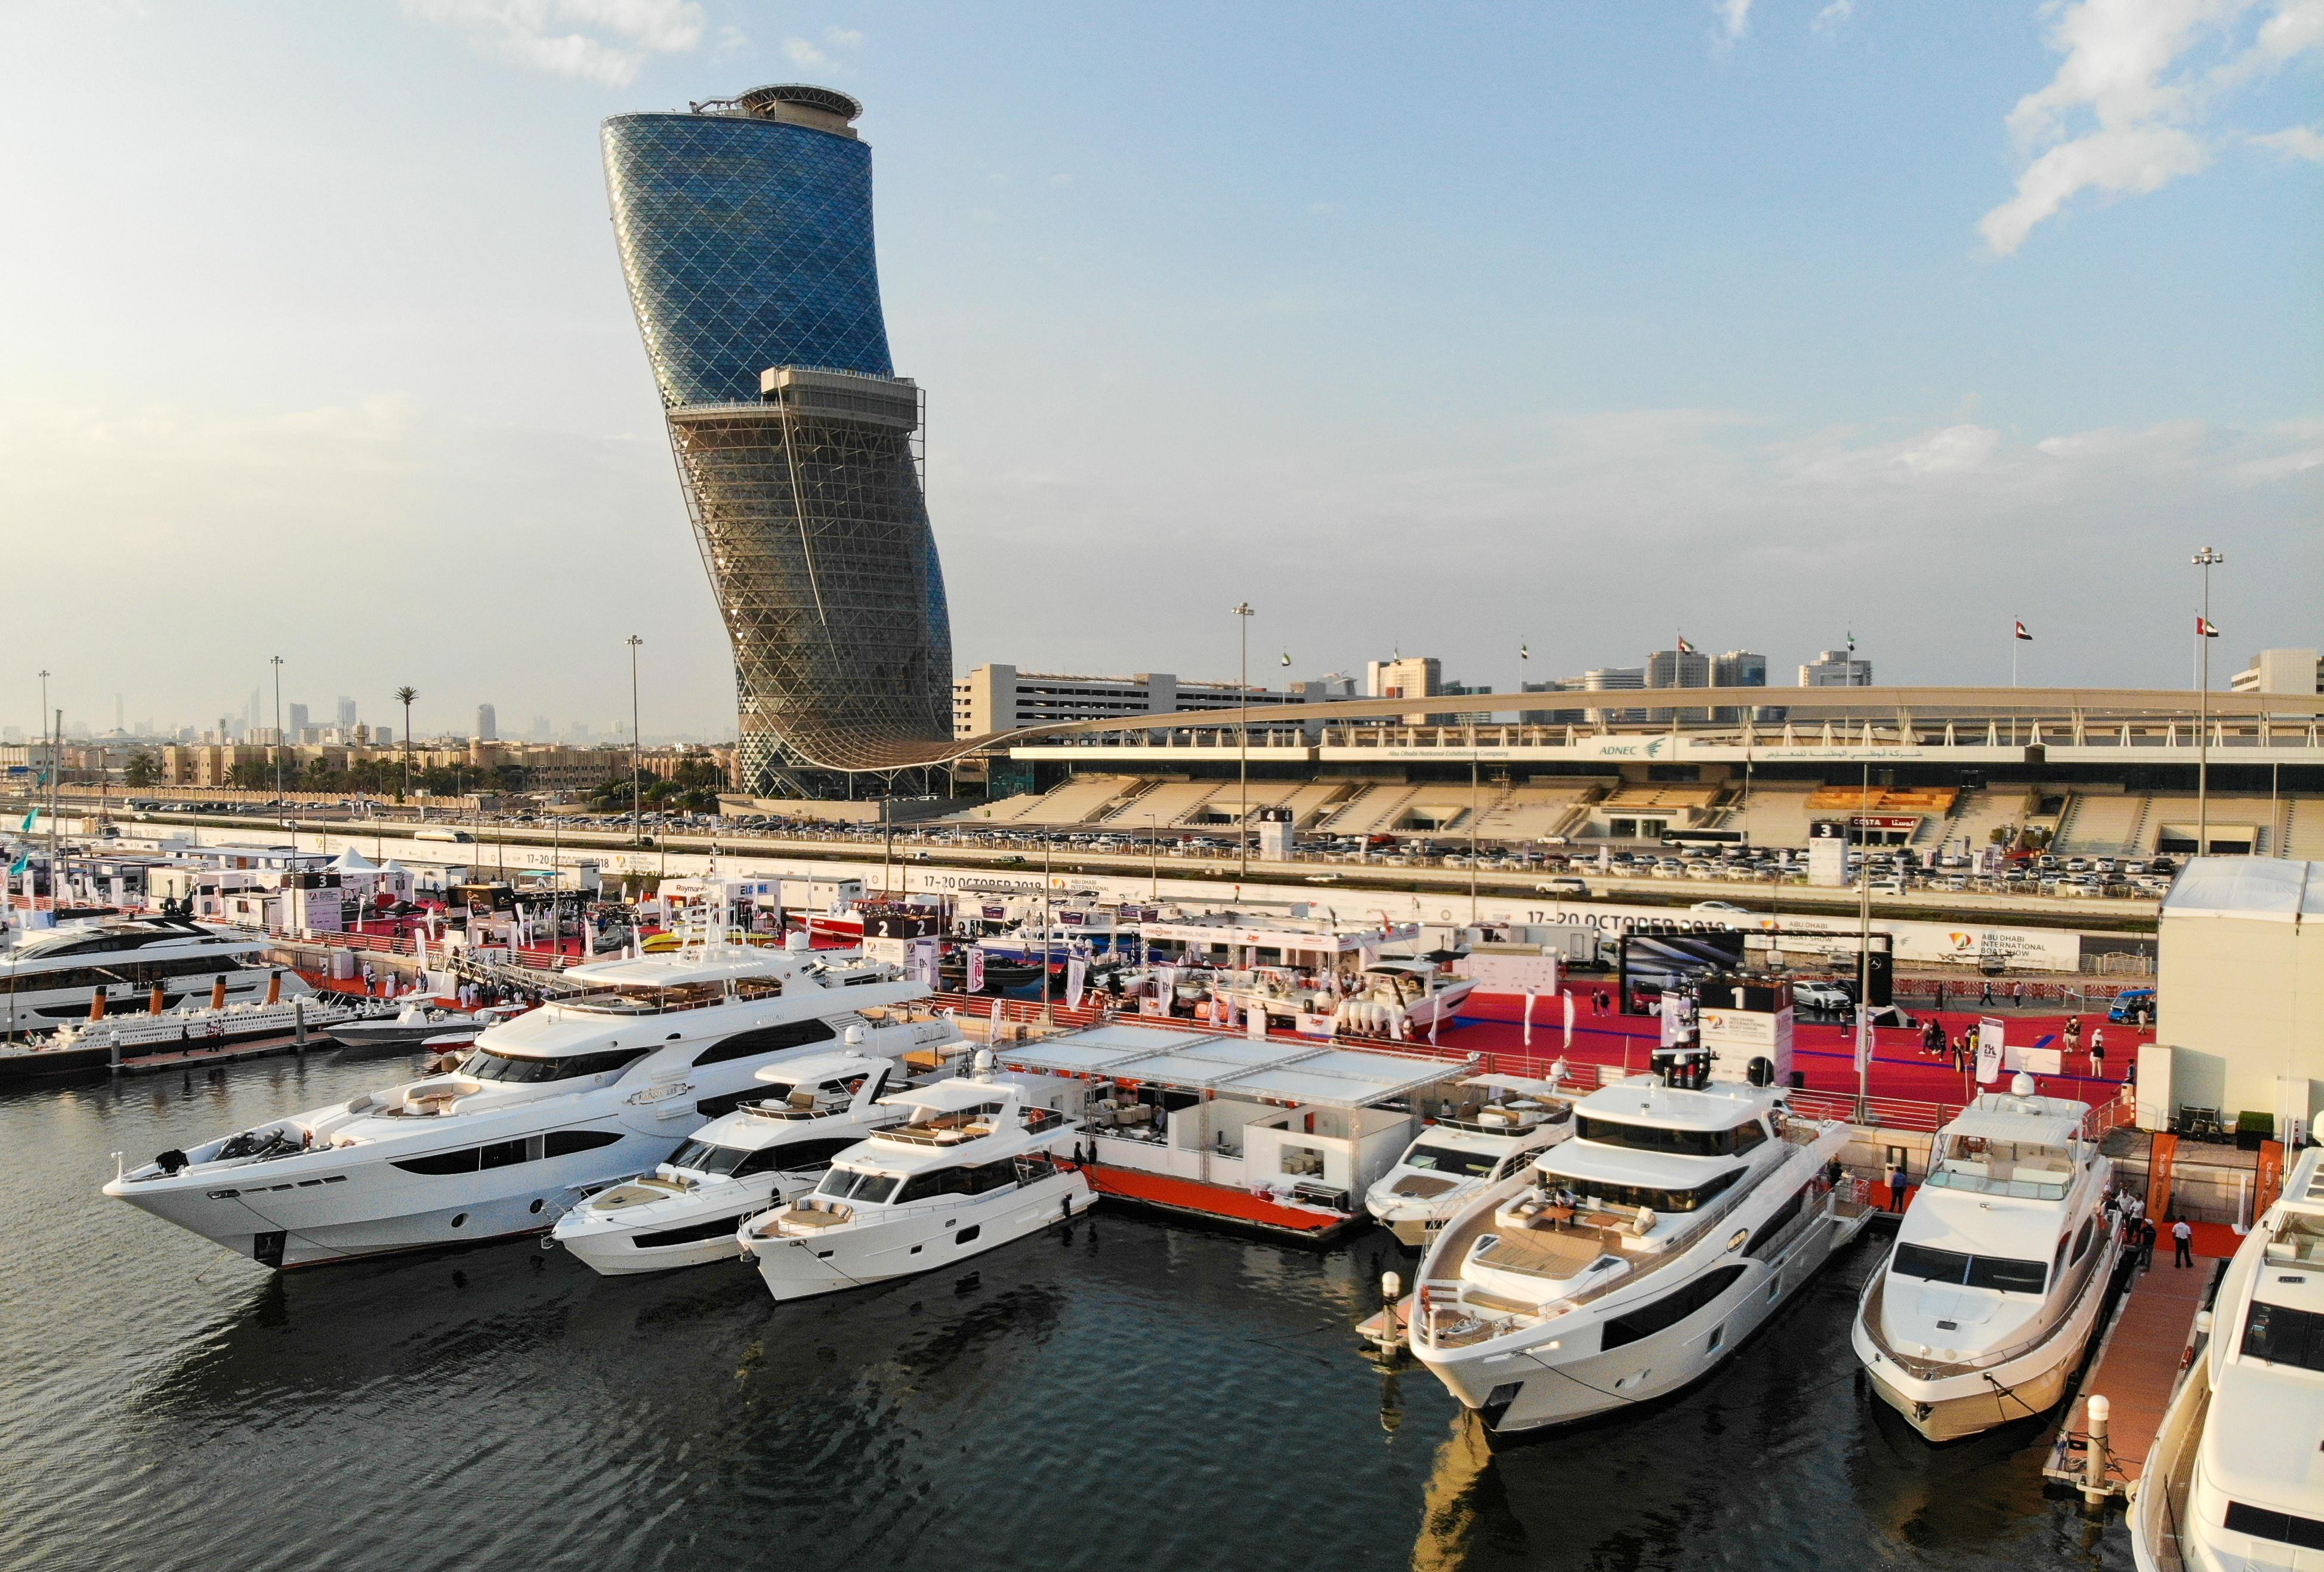 Gulf Craft Fleet at Abu Dhabi Boat Show 2018 (1).jpg